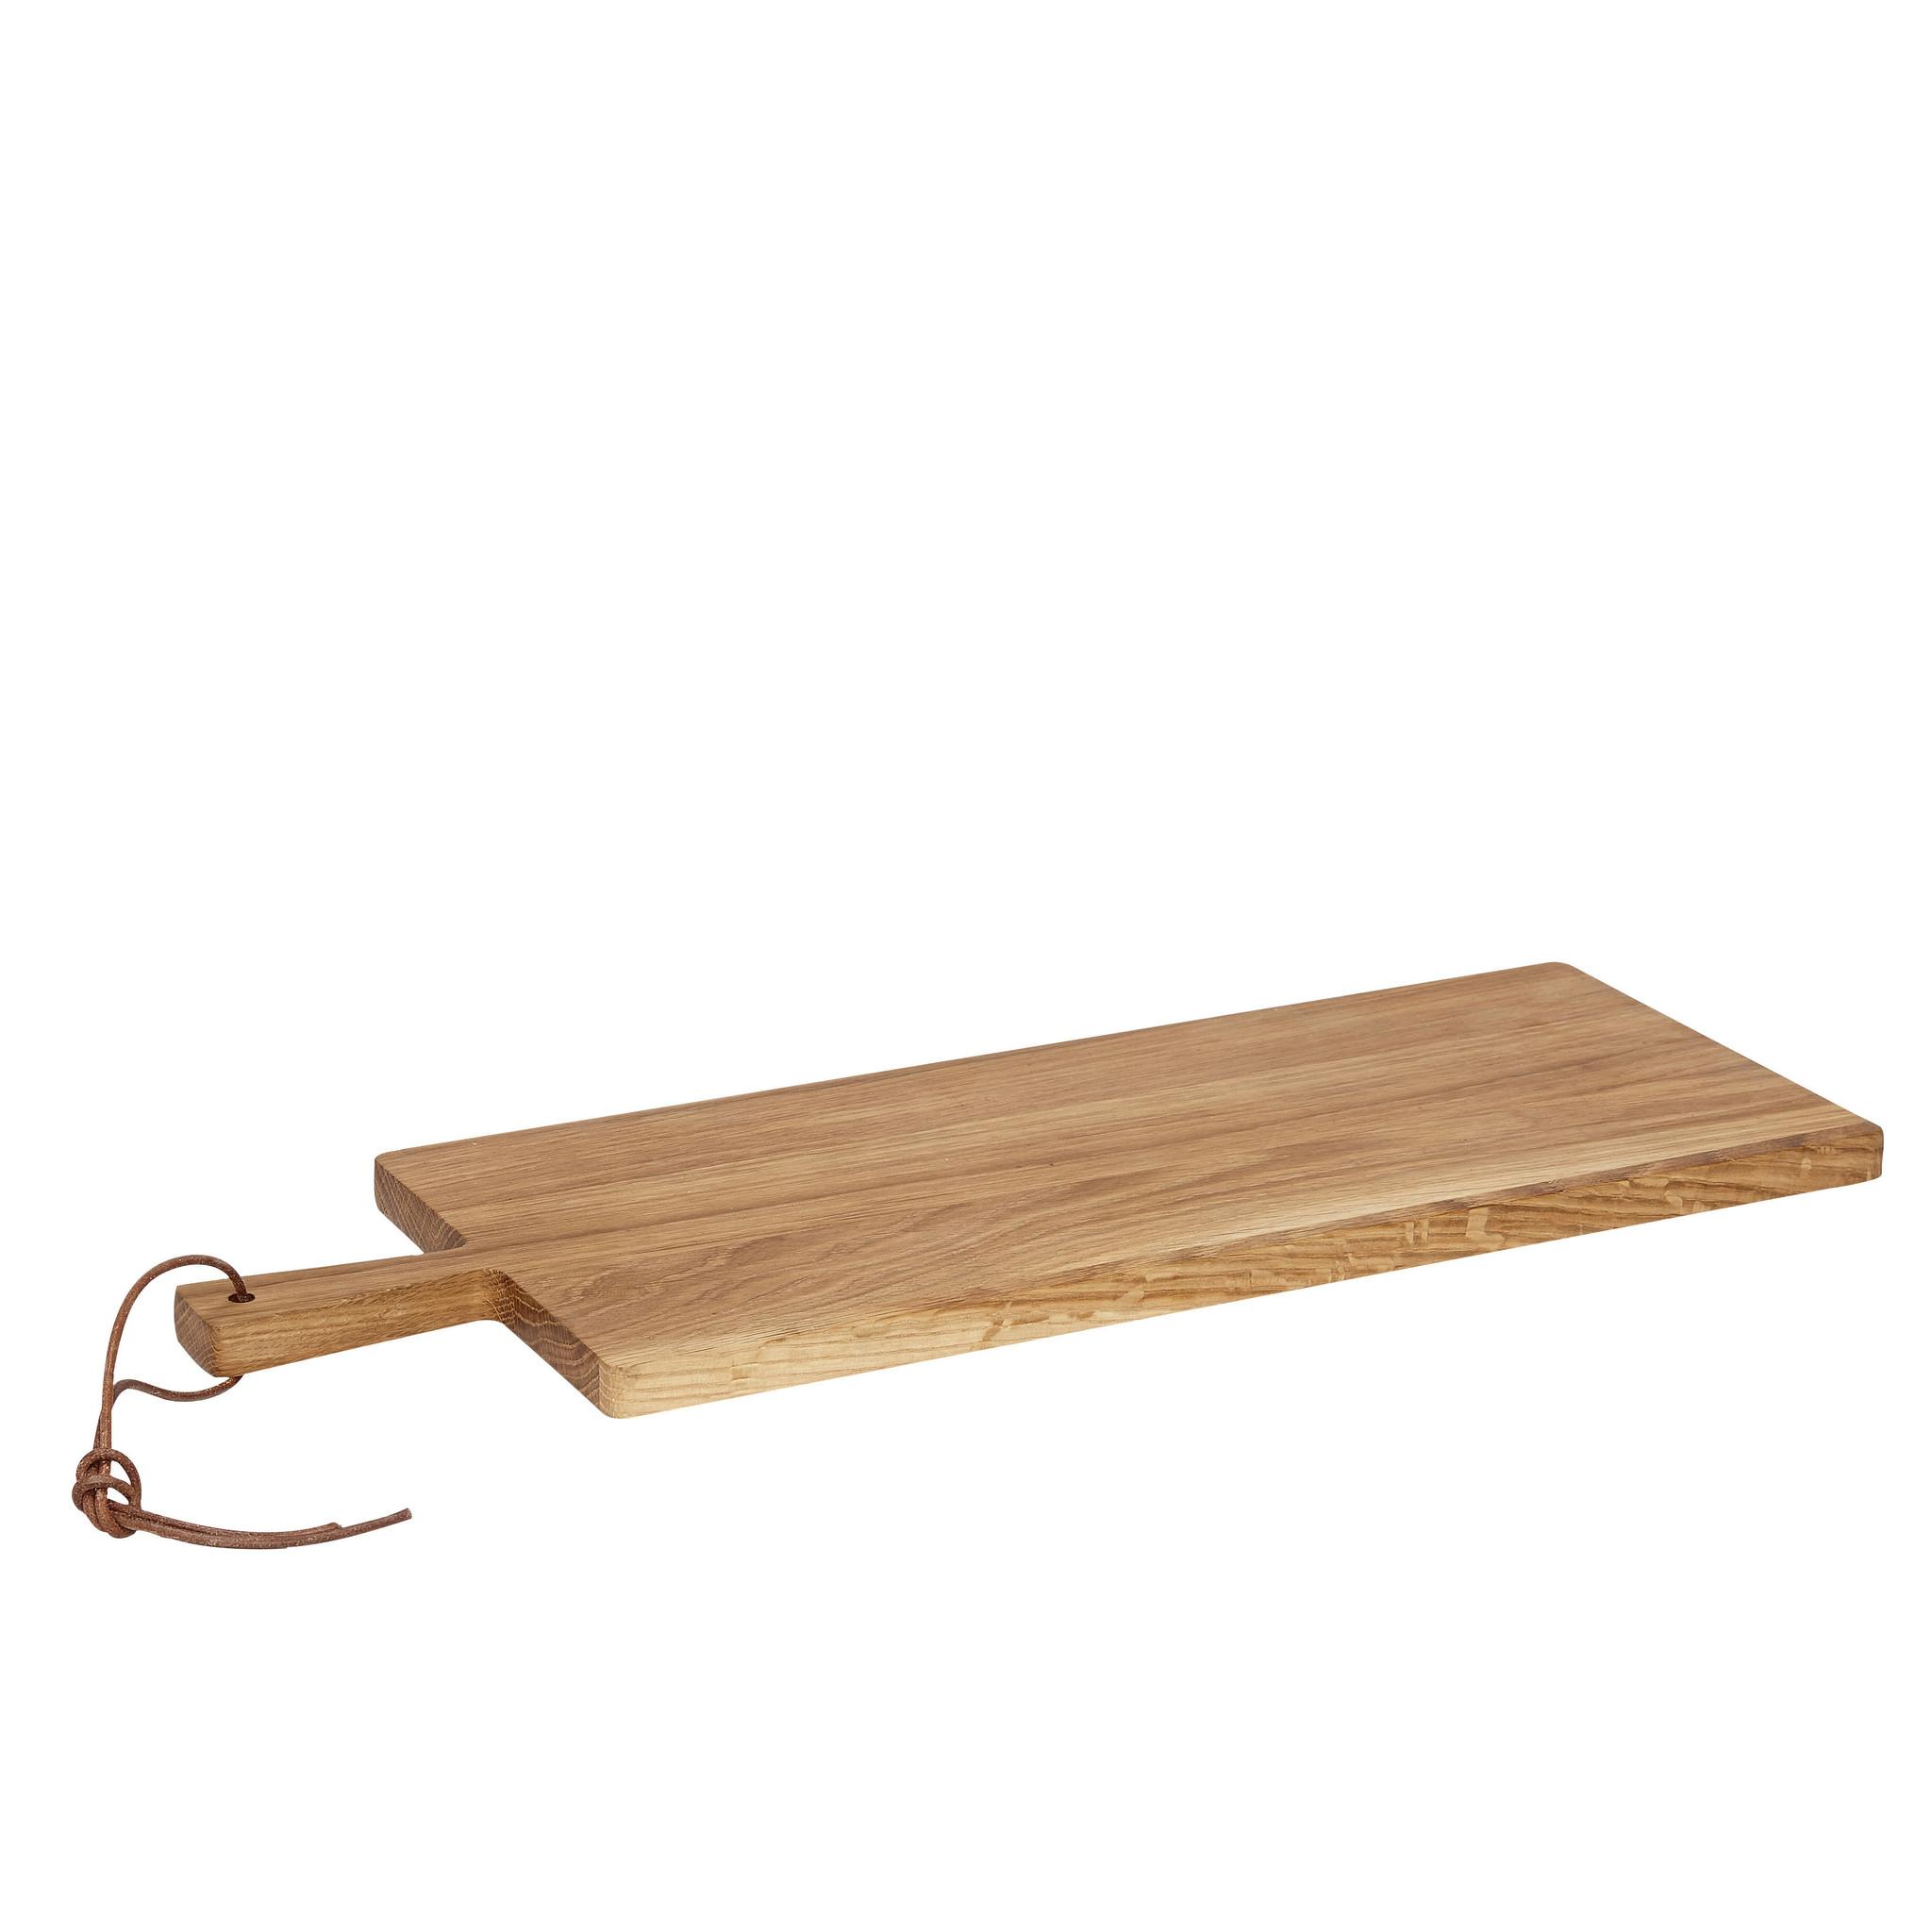 Hubsch Snijplank met handvat en lederen koord, vierkant, eik